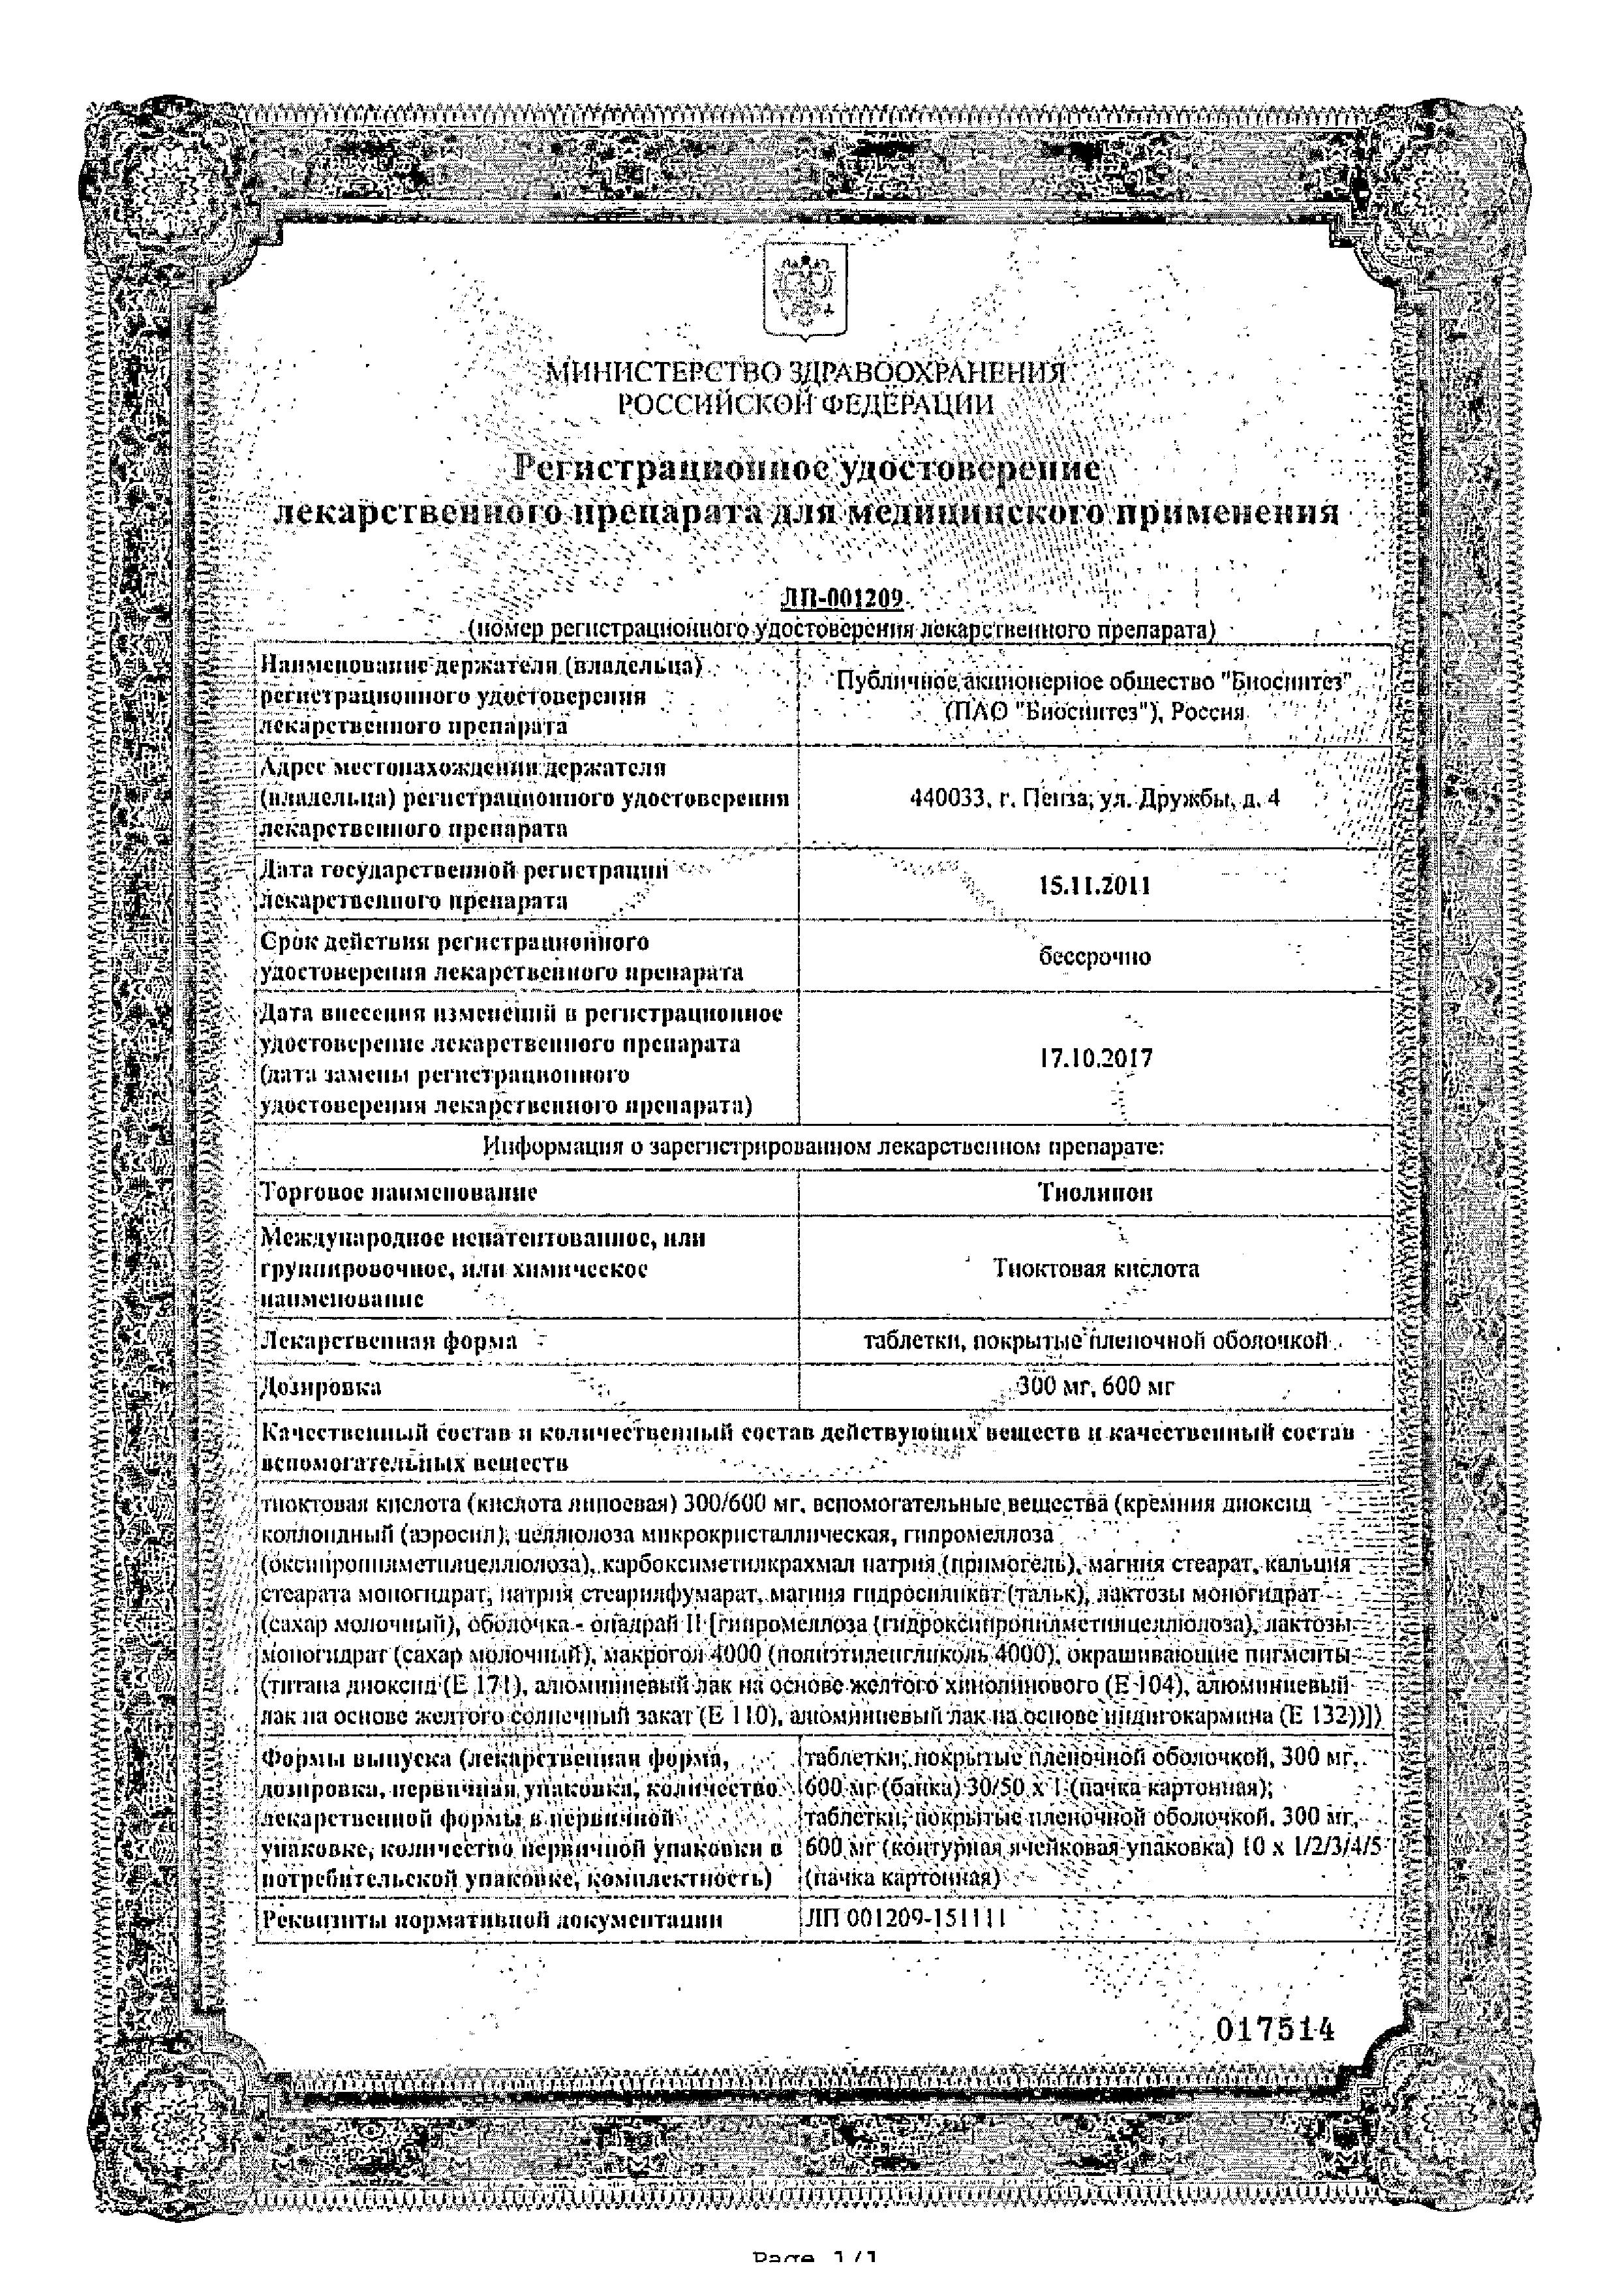 Тиолипон сертификат